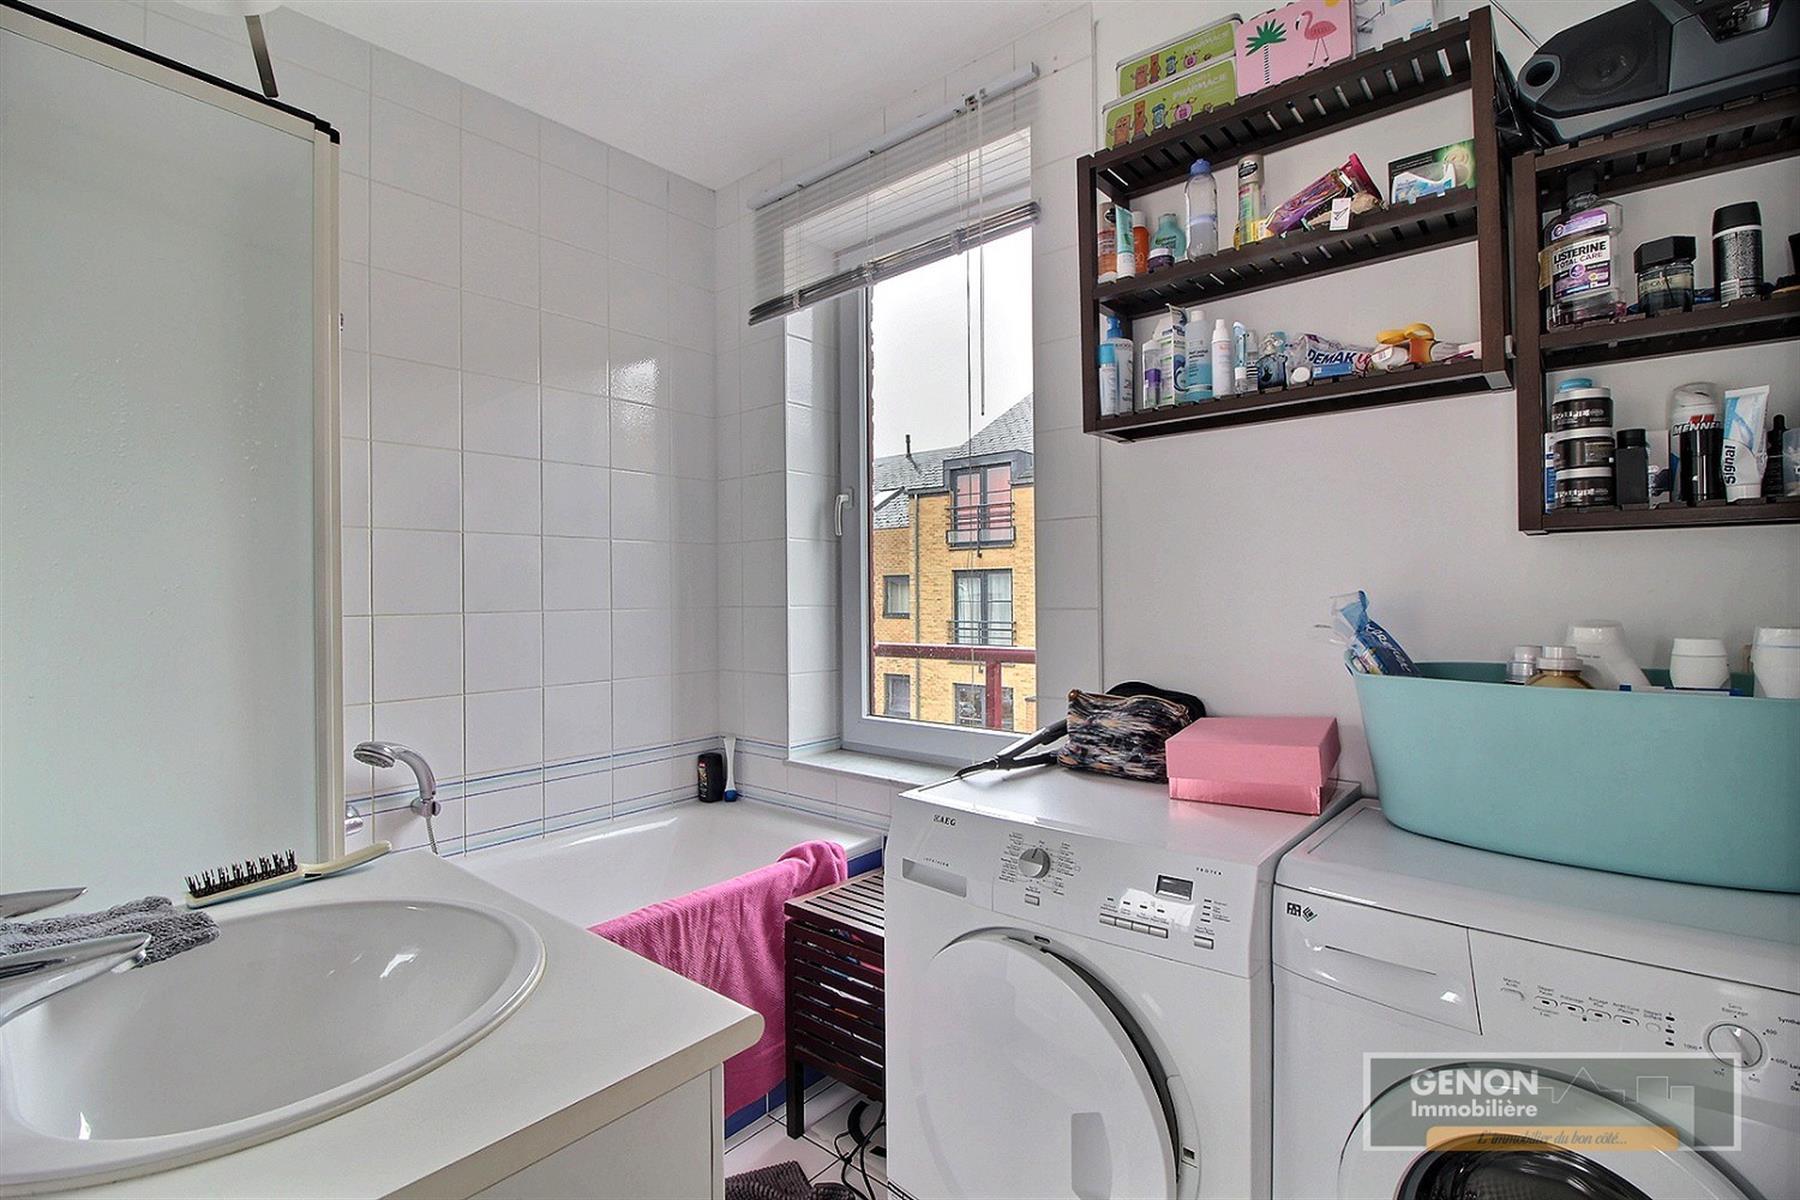 Appartement - Ottignies-Louvain-la-Neuve - #3994294-7